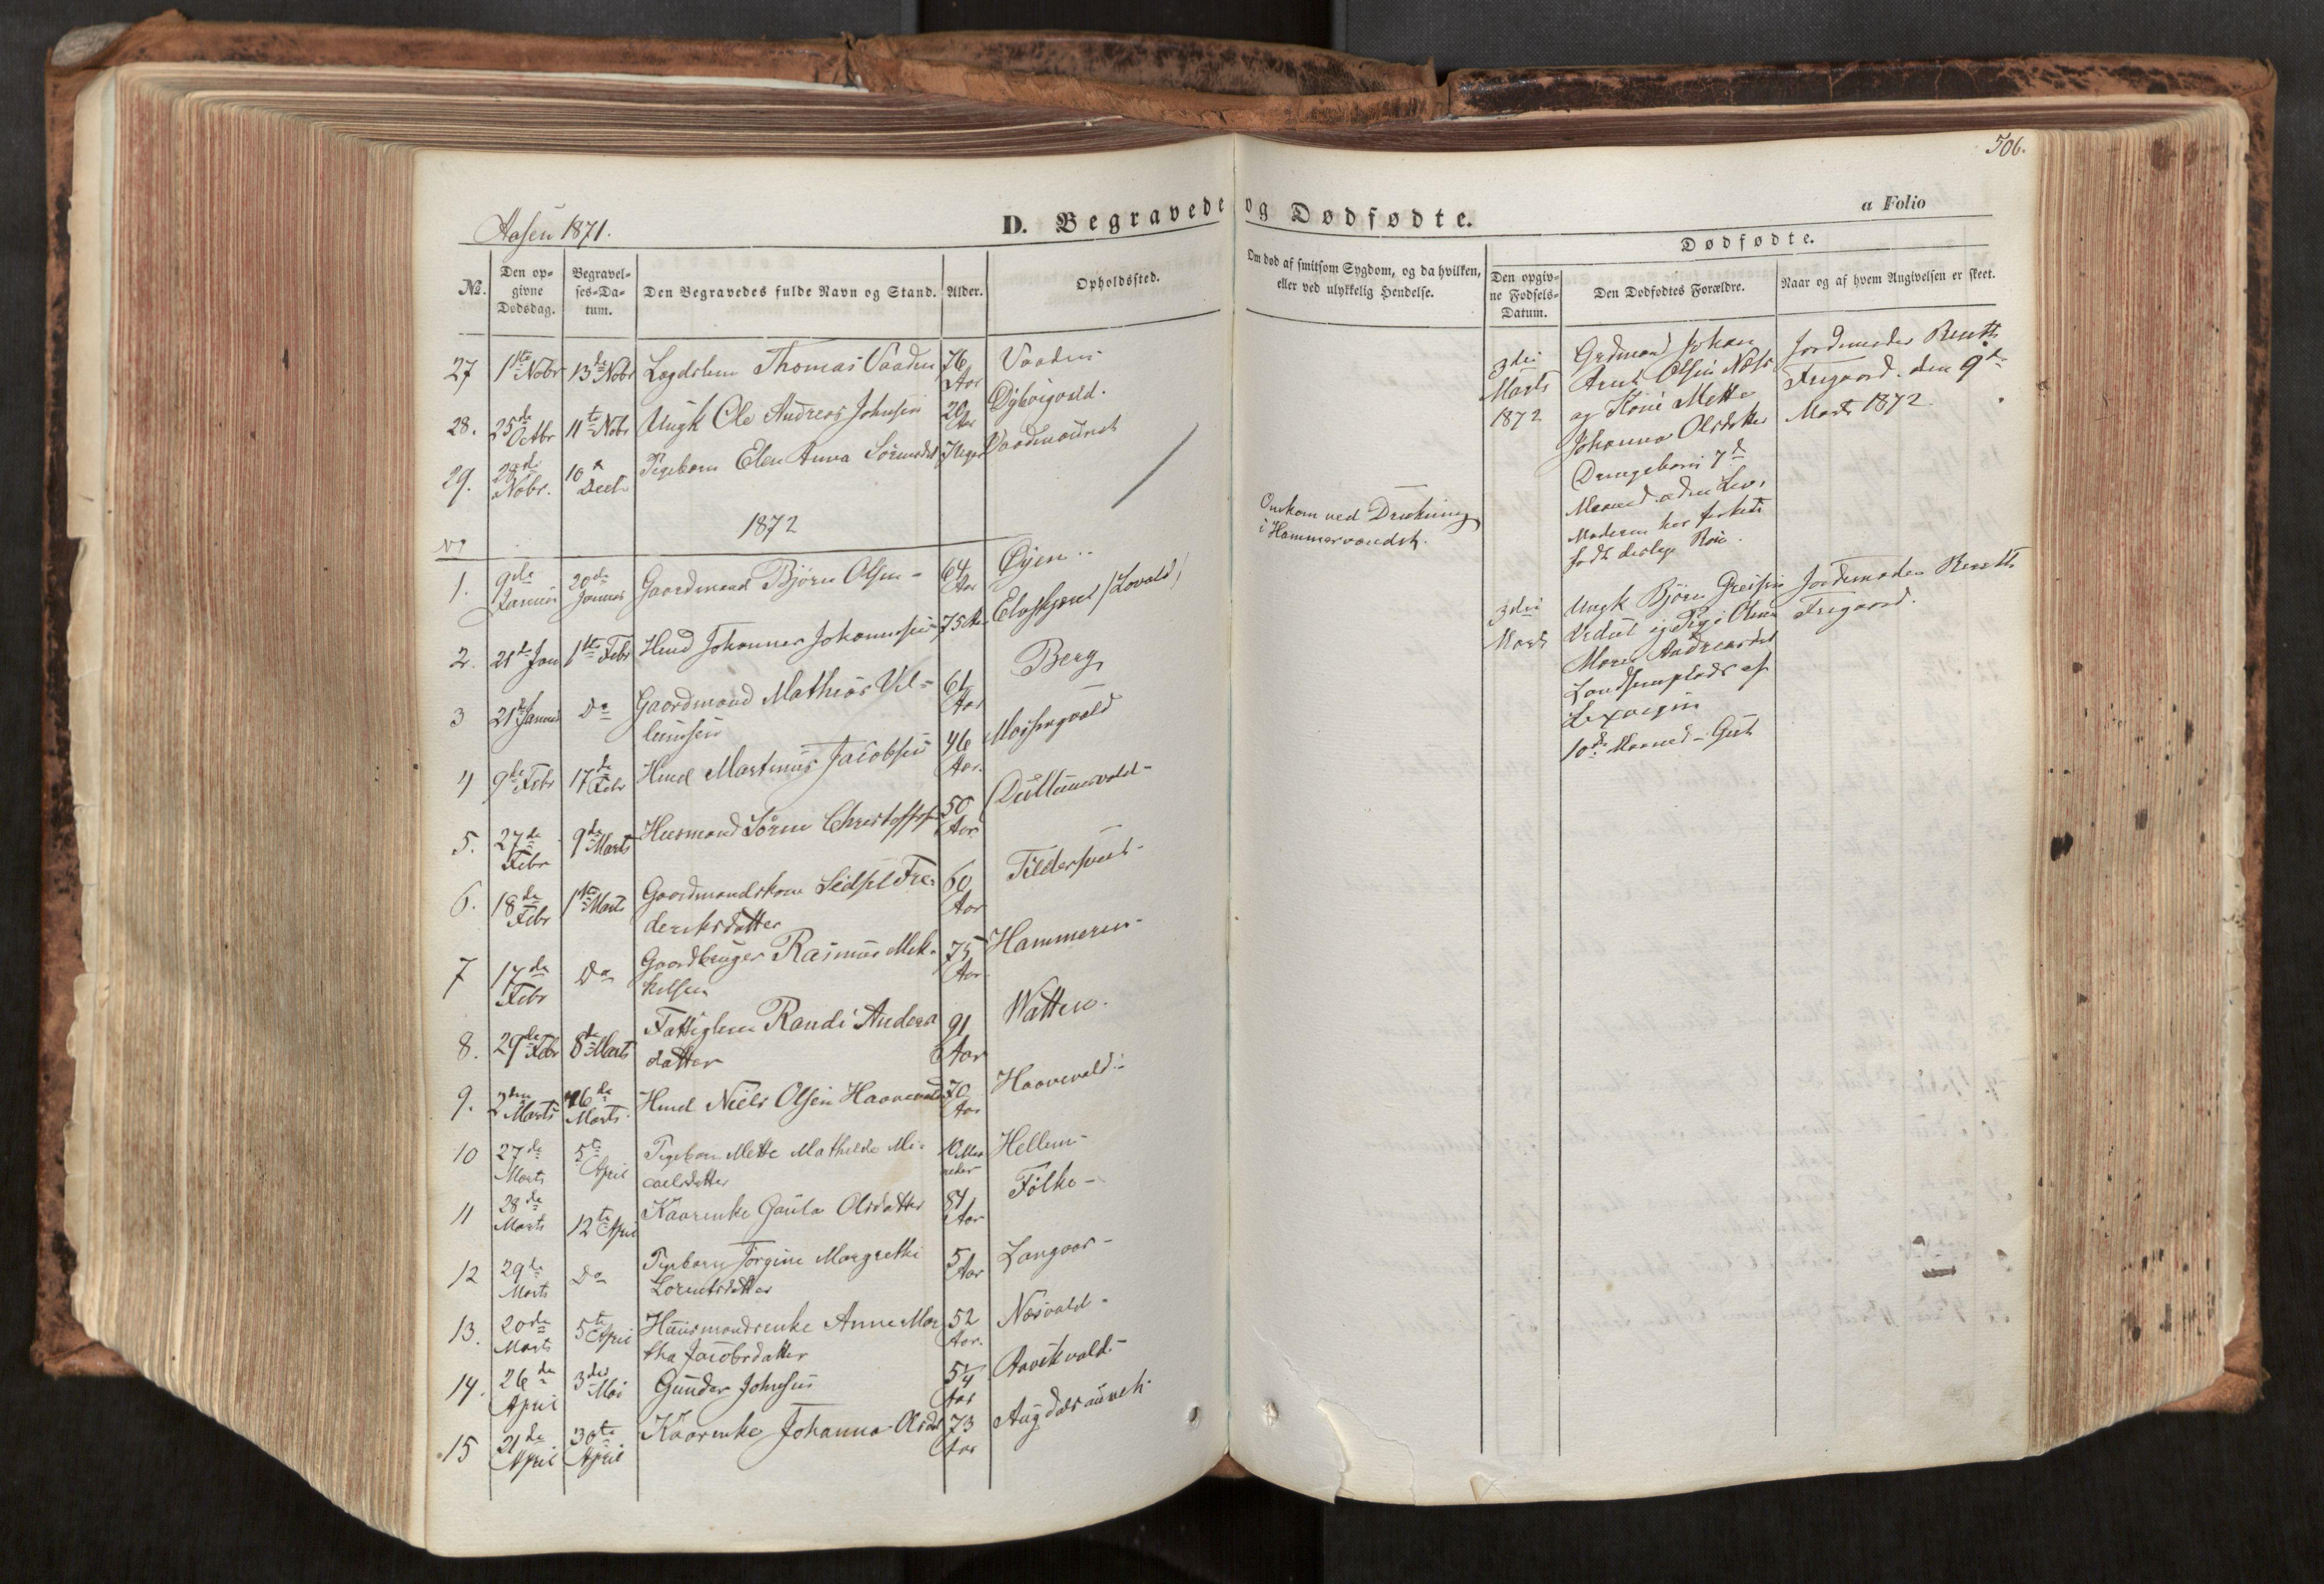 SAT, Ministerialprotokoller, klokkerbøker og fødselsregistre - Nord-Trøndelag, 713/L0116: Ministerialbok nr. 713A07, 1850-1877, s. 506